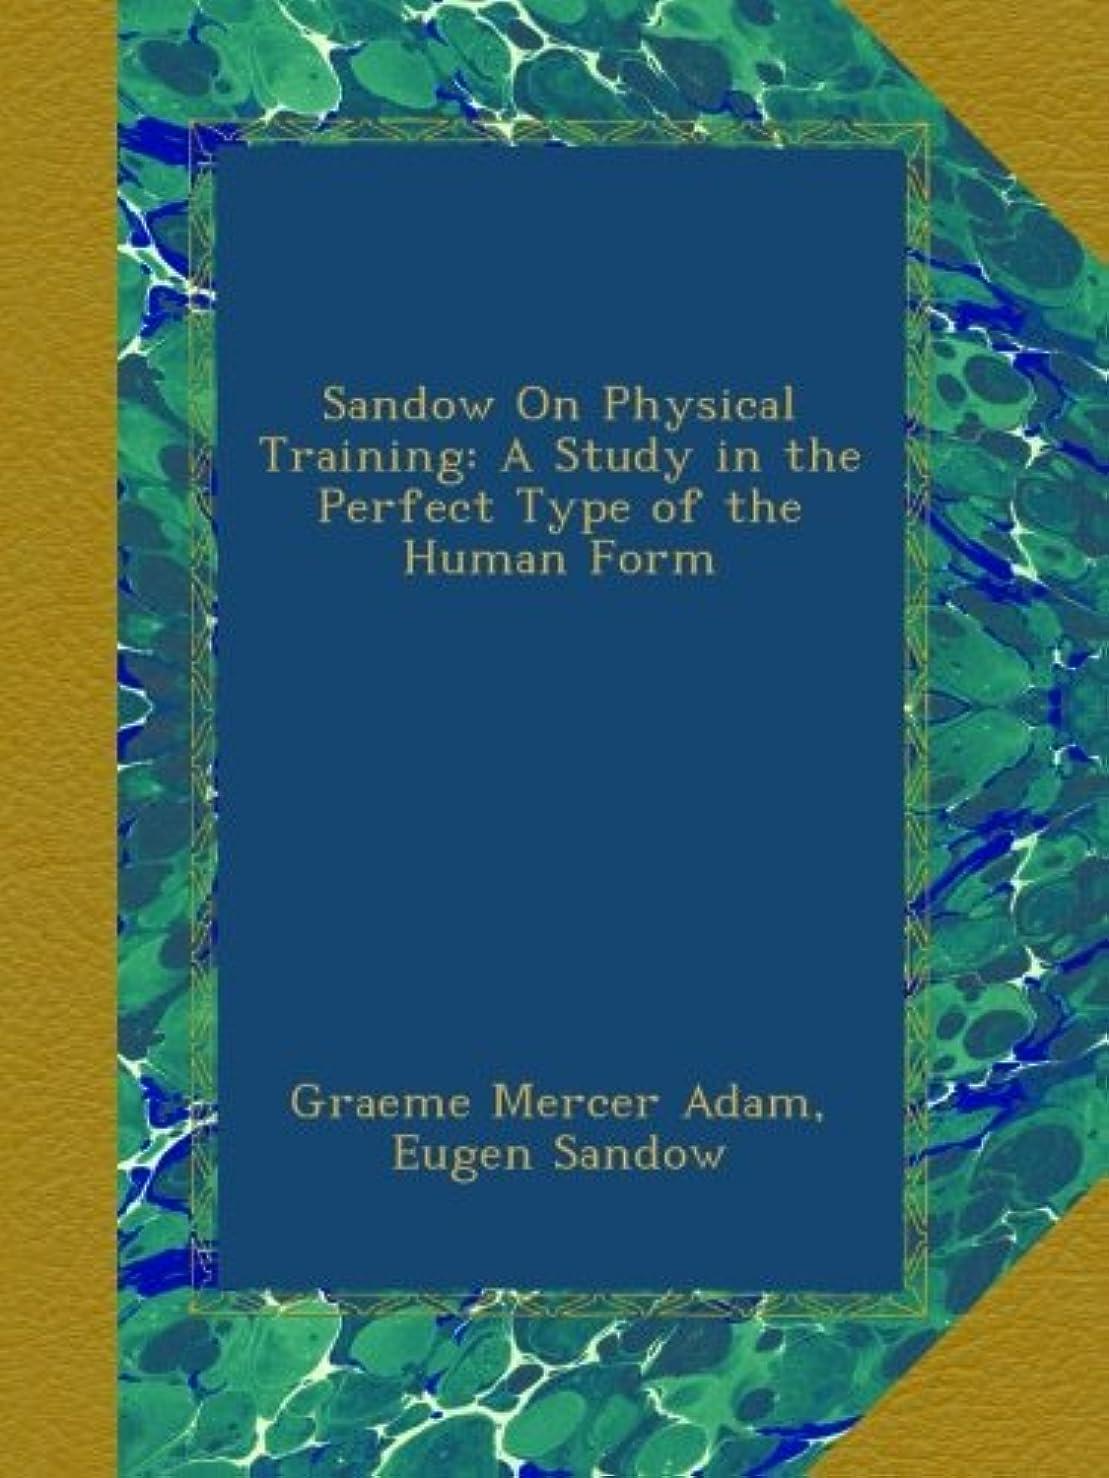 飾り羽独立してまたねSandow On Physical Training: A Study in the Perfect Type of the Human Form